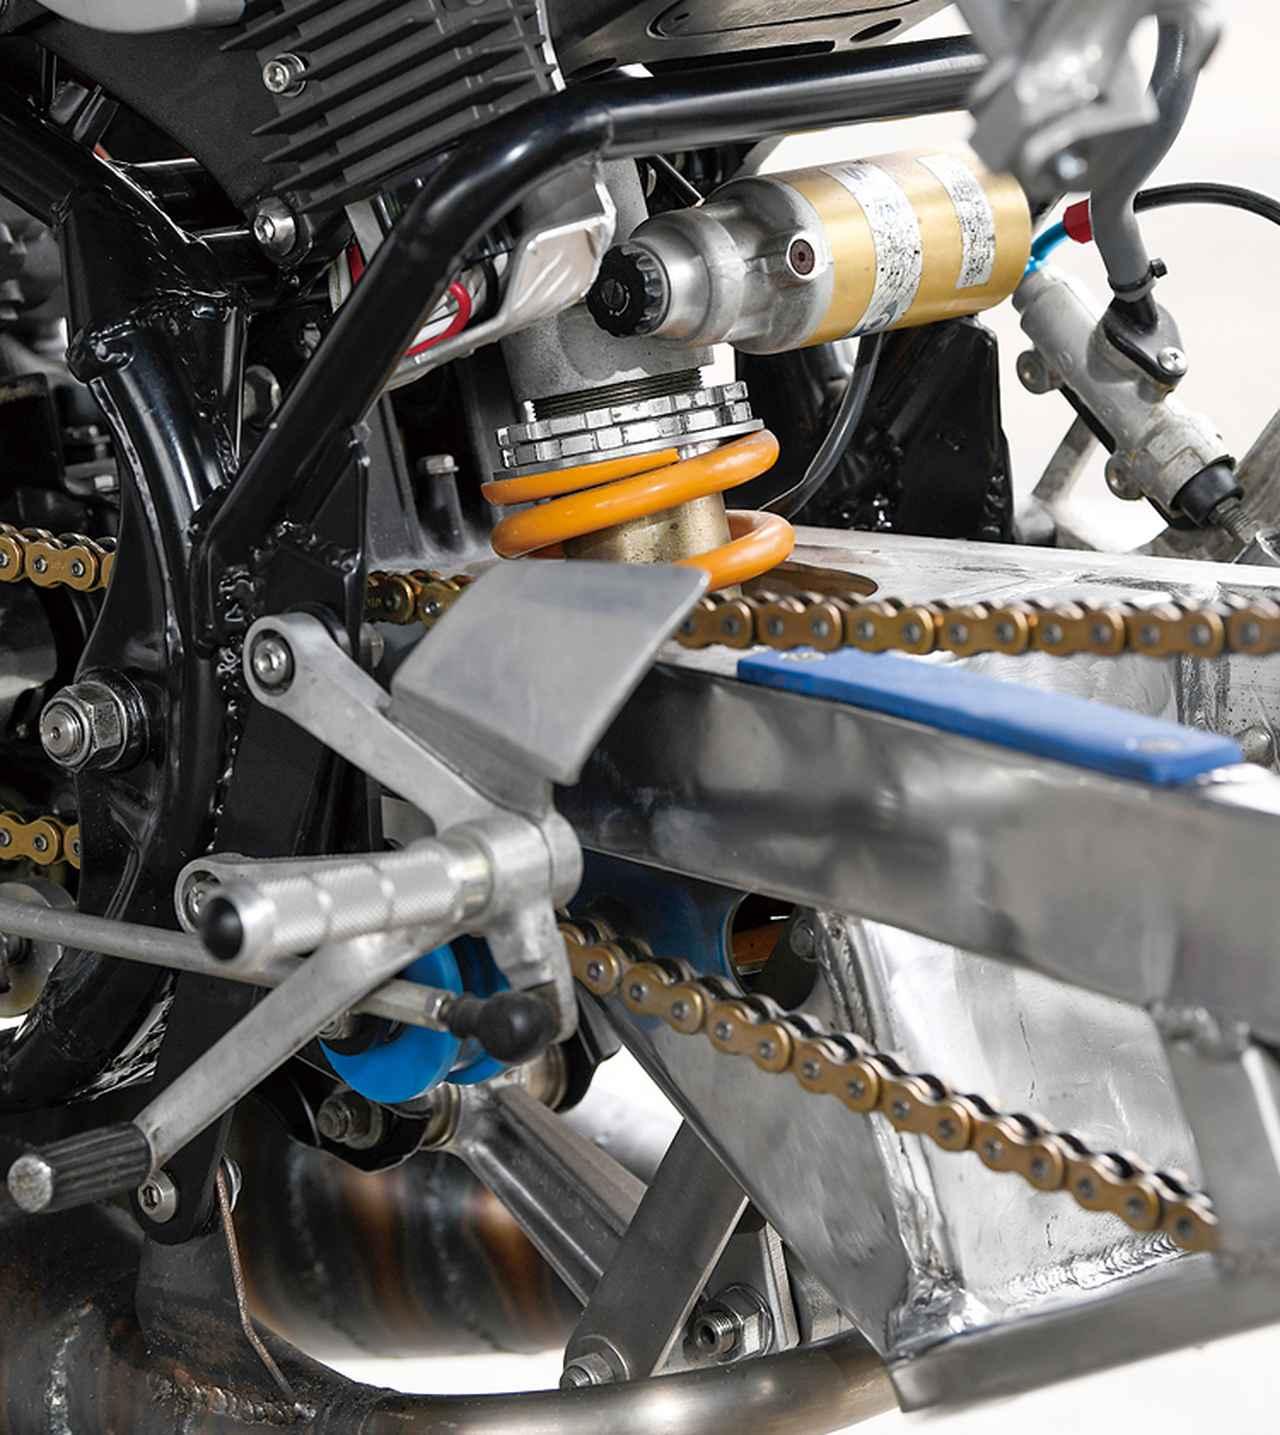 画像: 角型ロングのスイングアームはTZR250(3MA)加工でリヤサスはアプリリアRS1000だ、ホイールはH-Dファットボブ用の8.00-18サイズを装着している。